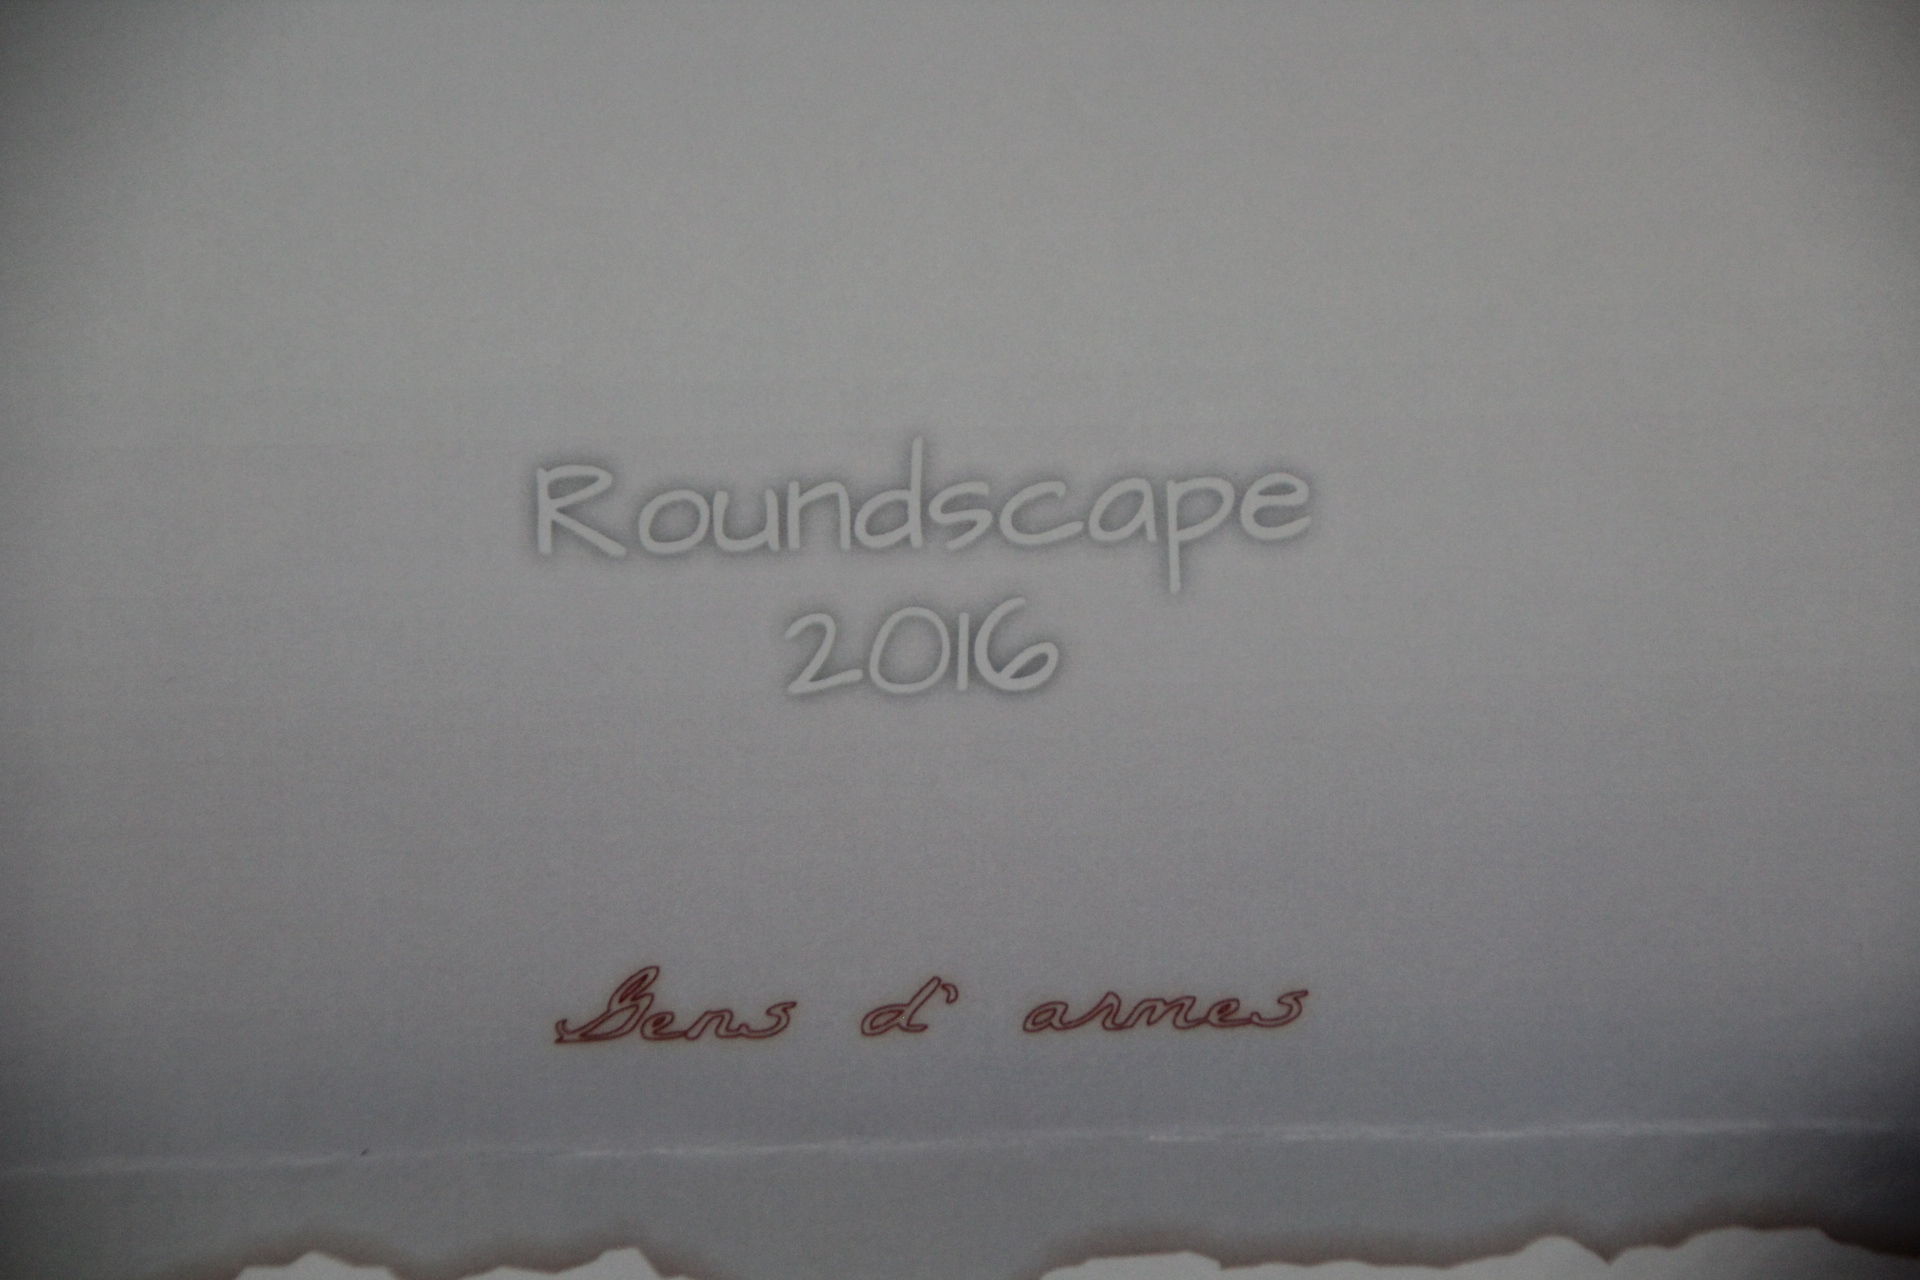 Round Scape